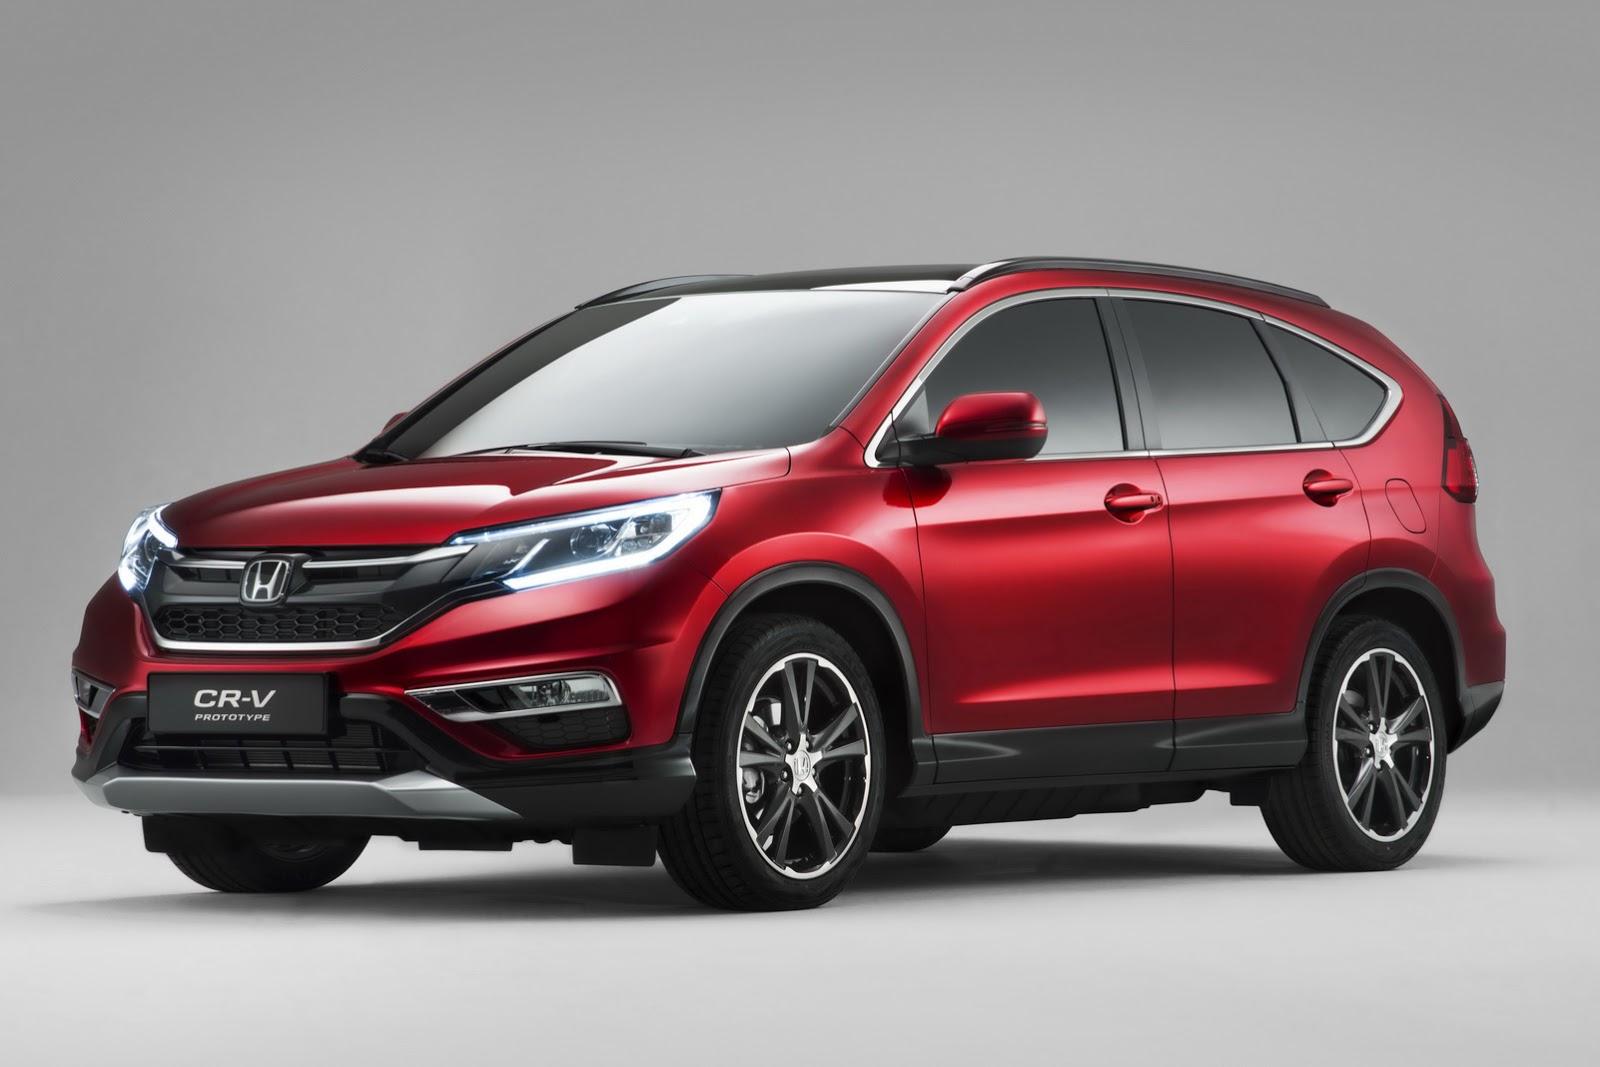 Новое поколение кроссовера Honda CR-V заметили на тестах в США